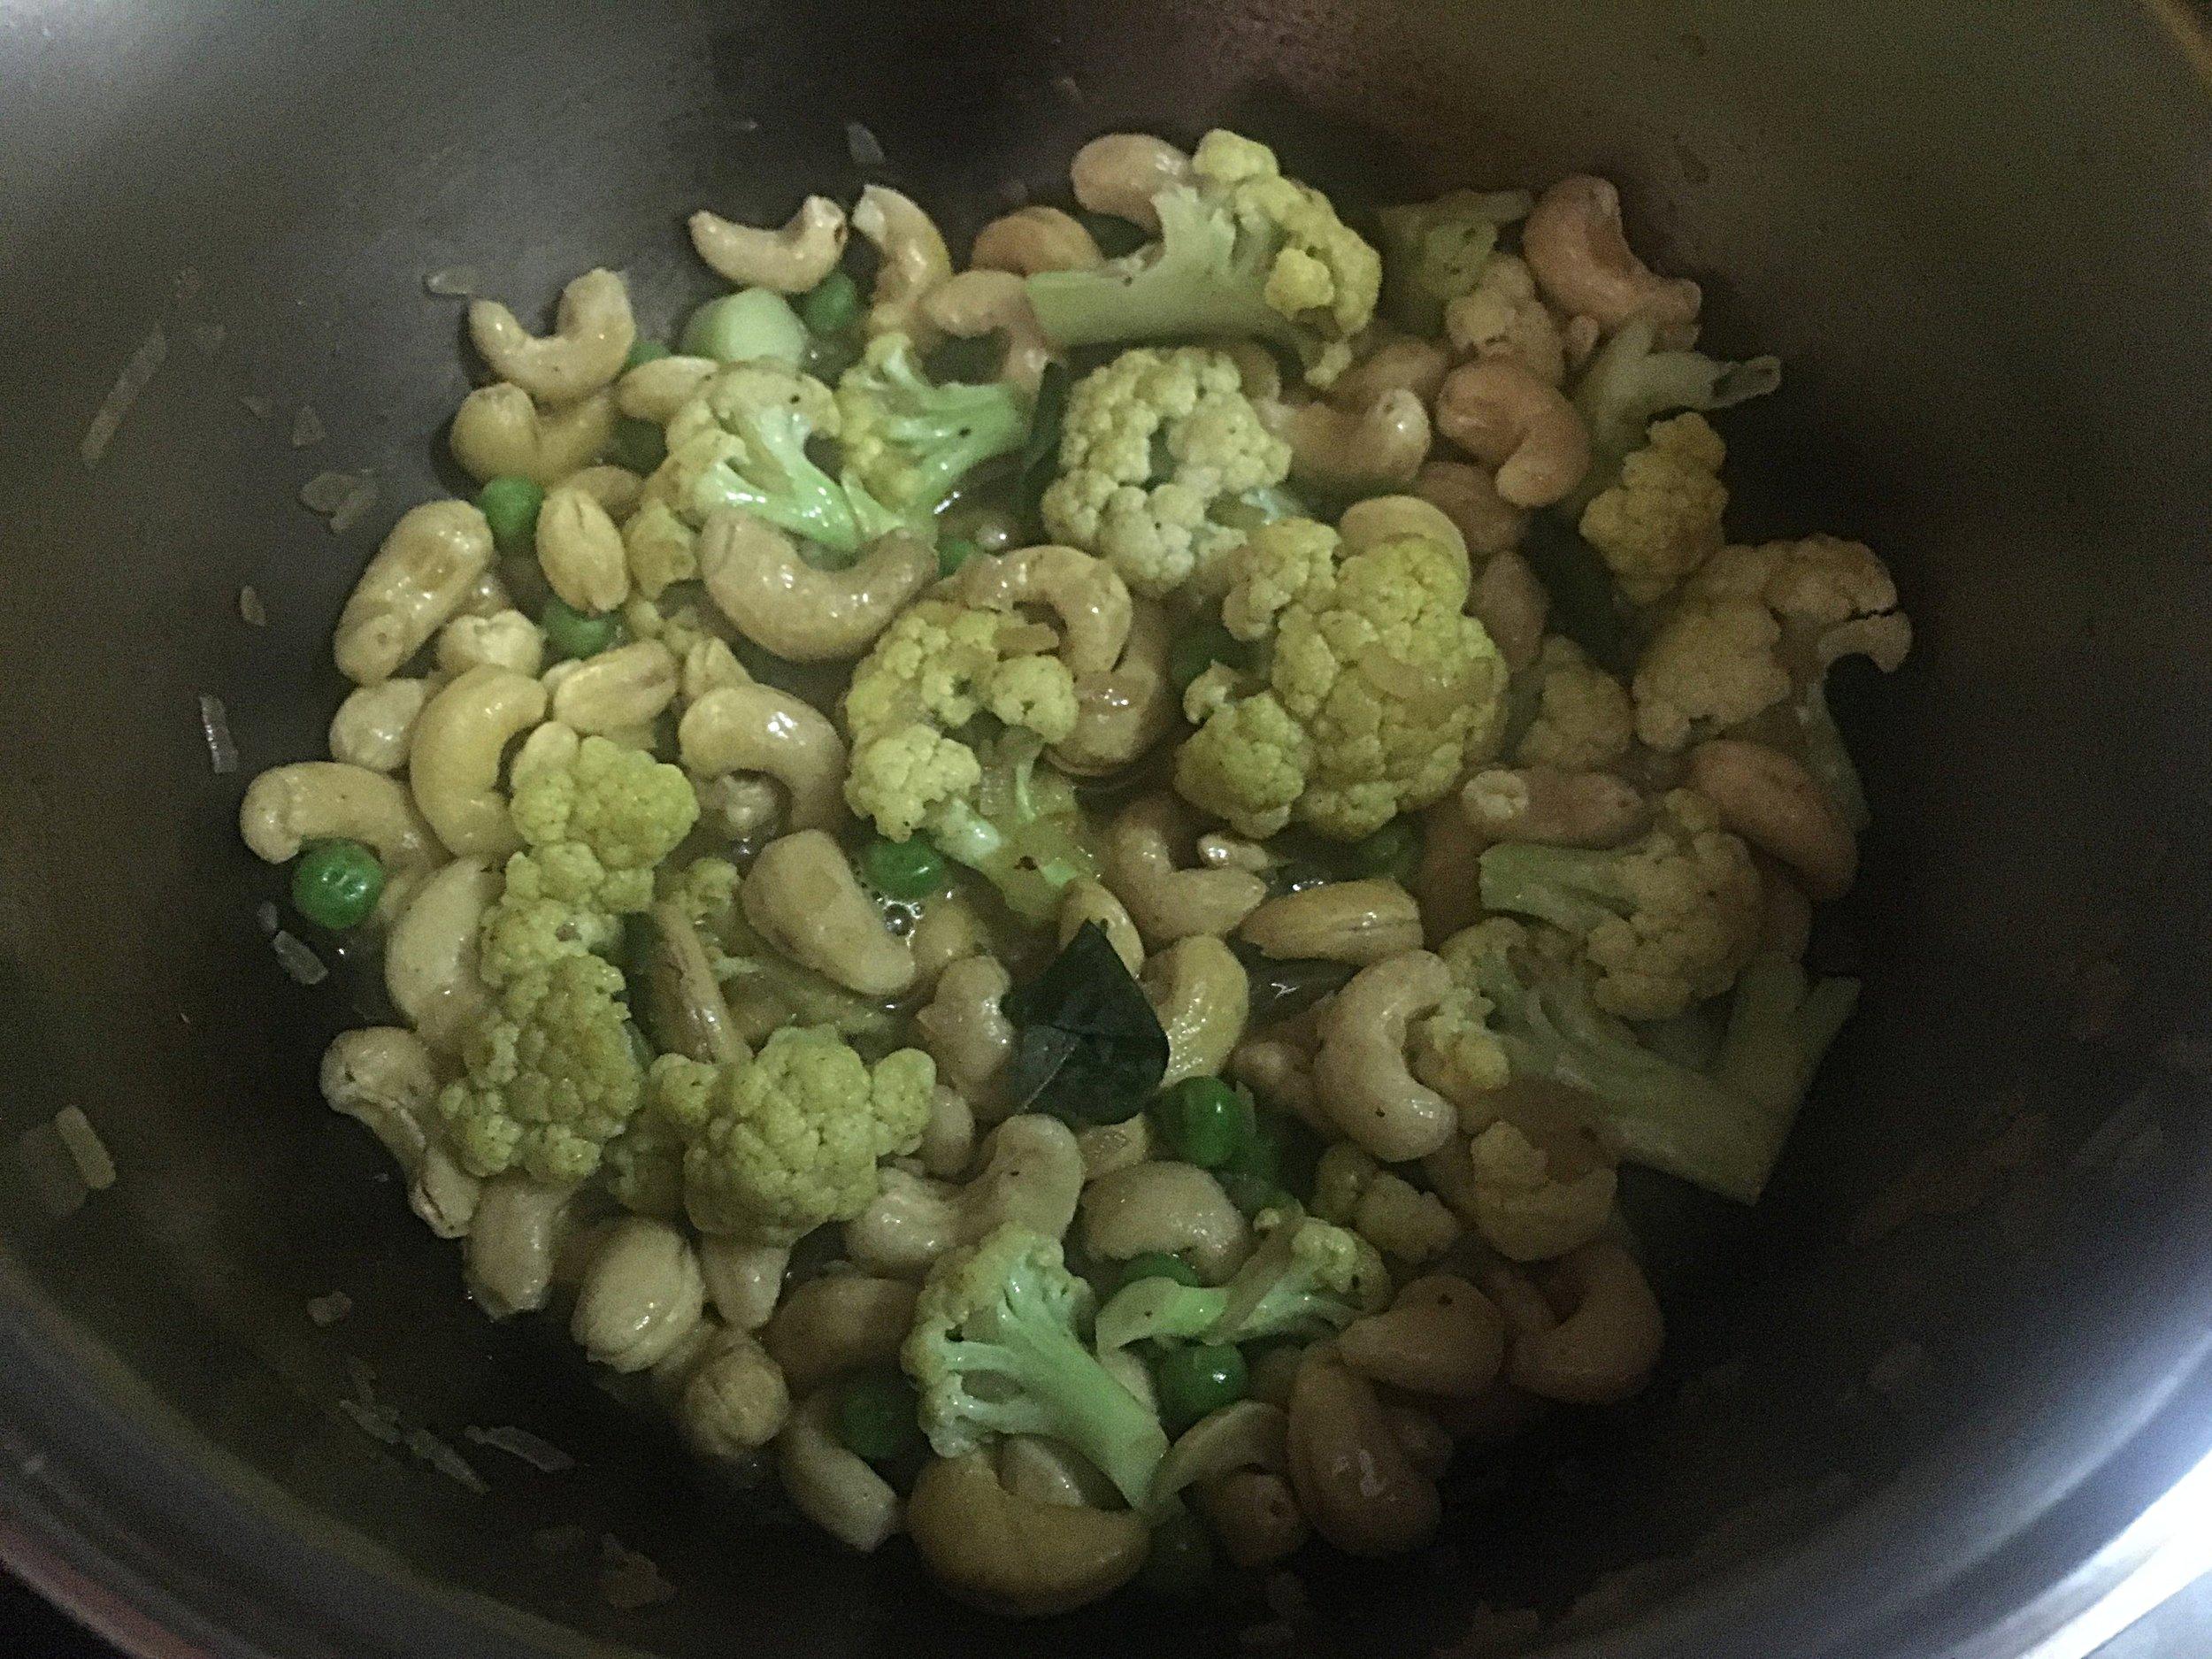 Adicione o  curry  e mexa, aguardando para o que pó se dissolva e comece a liberar aroma. Adicione o restante da água e deixe levantar fervura. Coloque as ervilhas e o leite de côco e deixe ferver em fogo baixo, panela tampada,por 5 minutos.